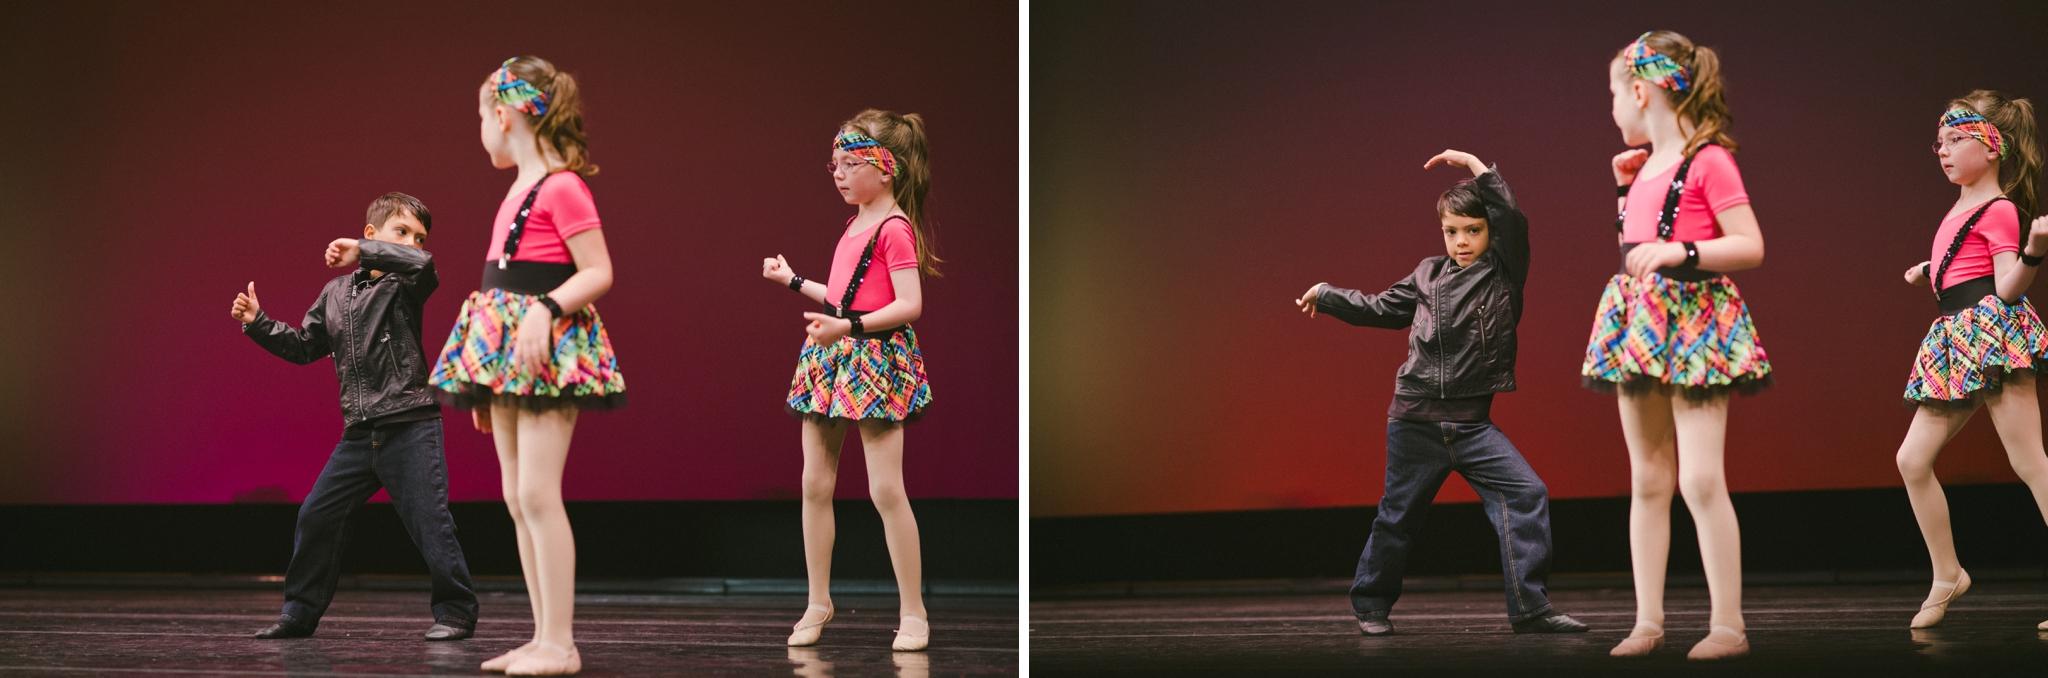 28-boy-ballet-dancer-burlington.jpg